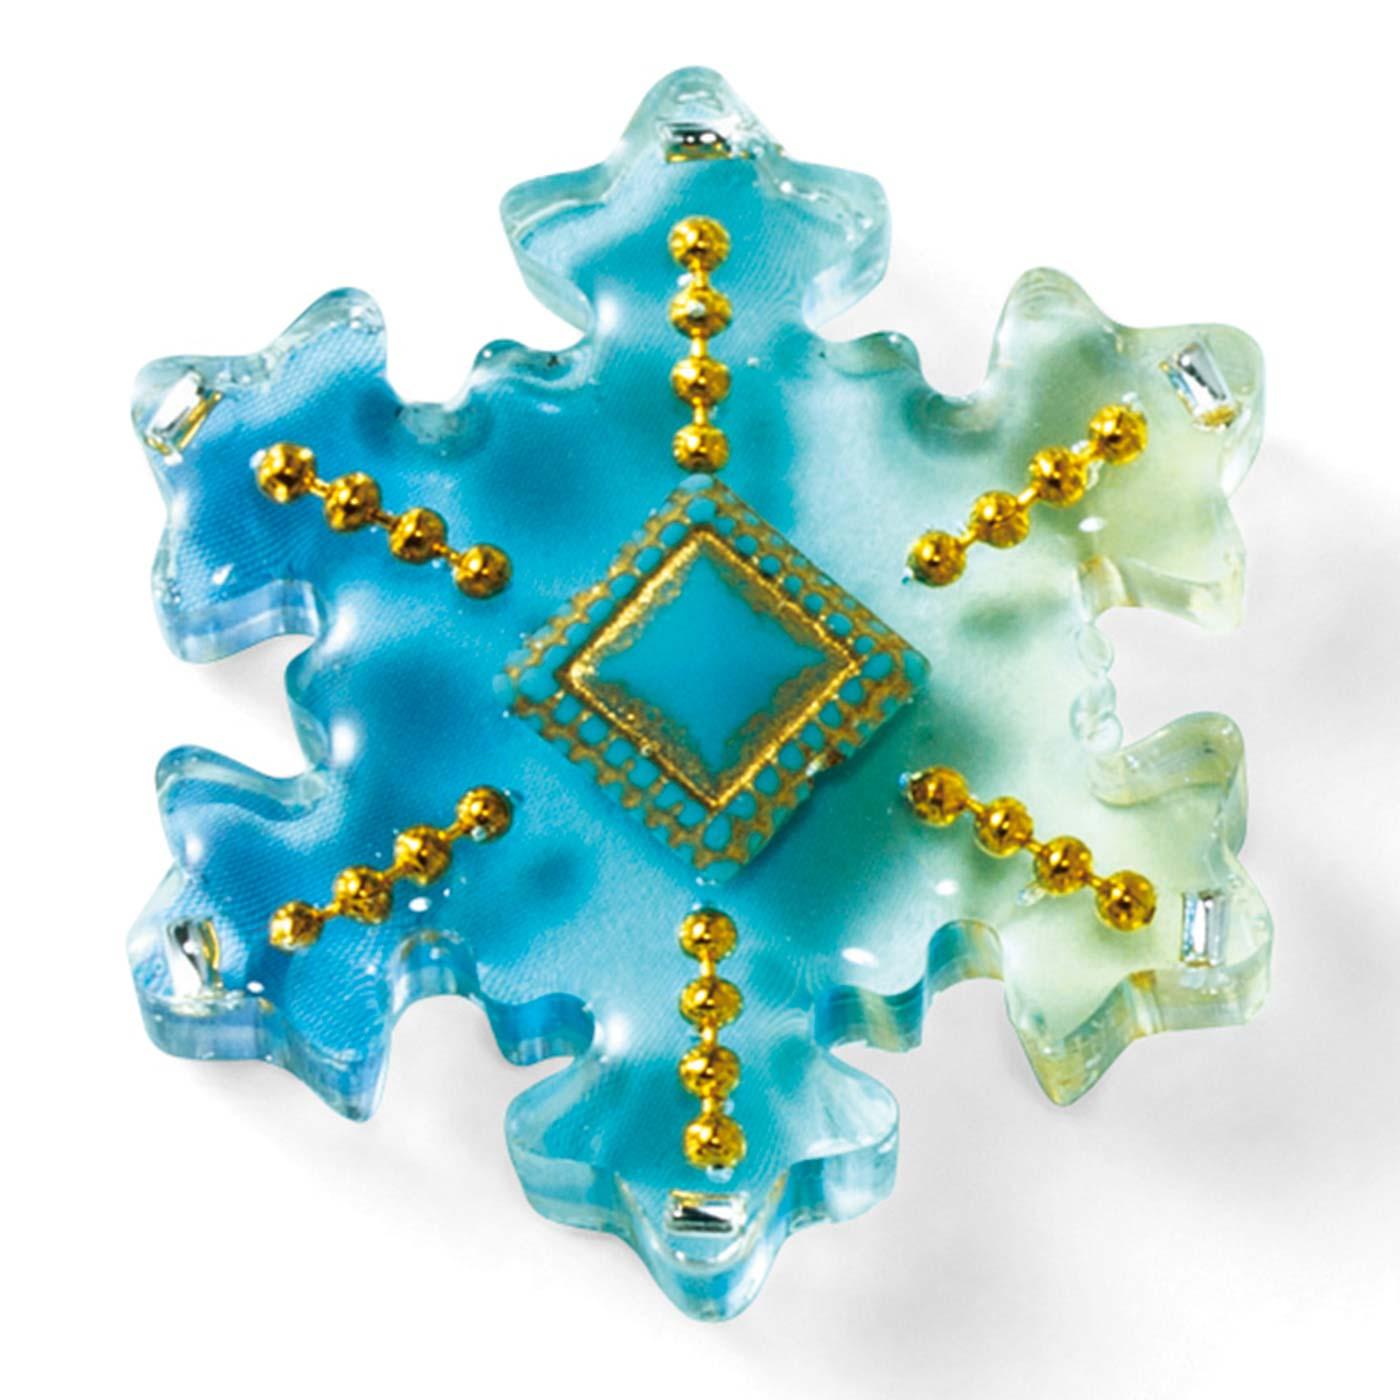 雪の結晶〈心の浄化〉